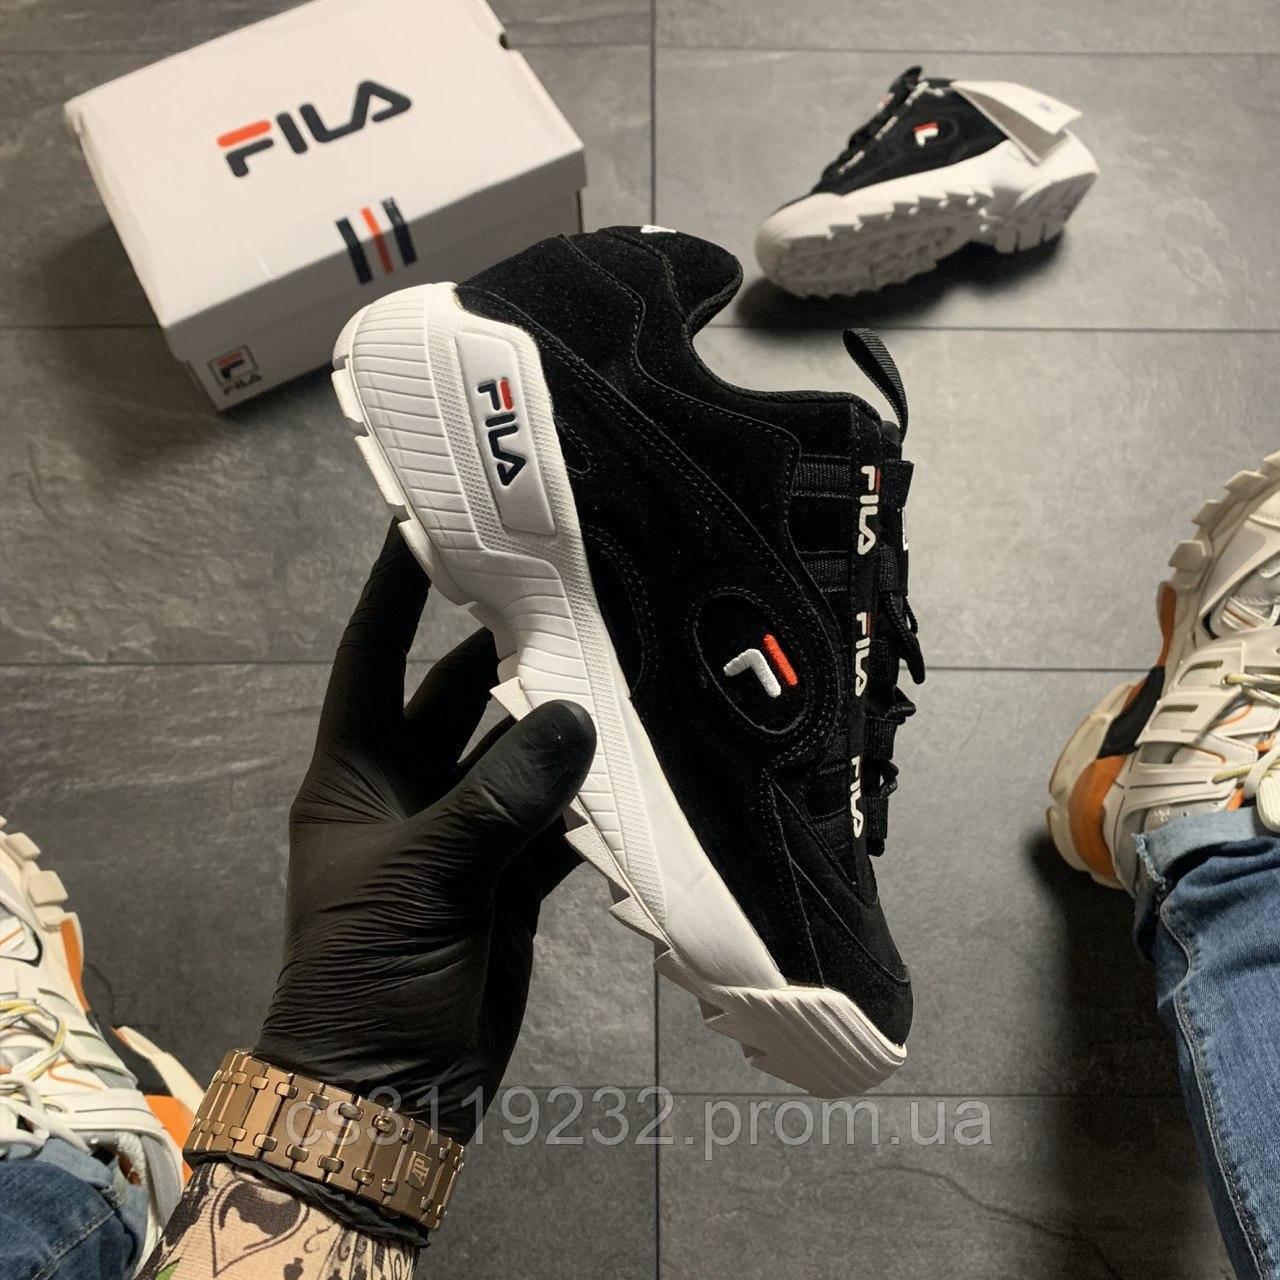 Жіночі кросівки Fila D-Formation Black White (чорні)